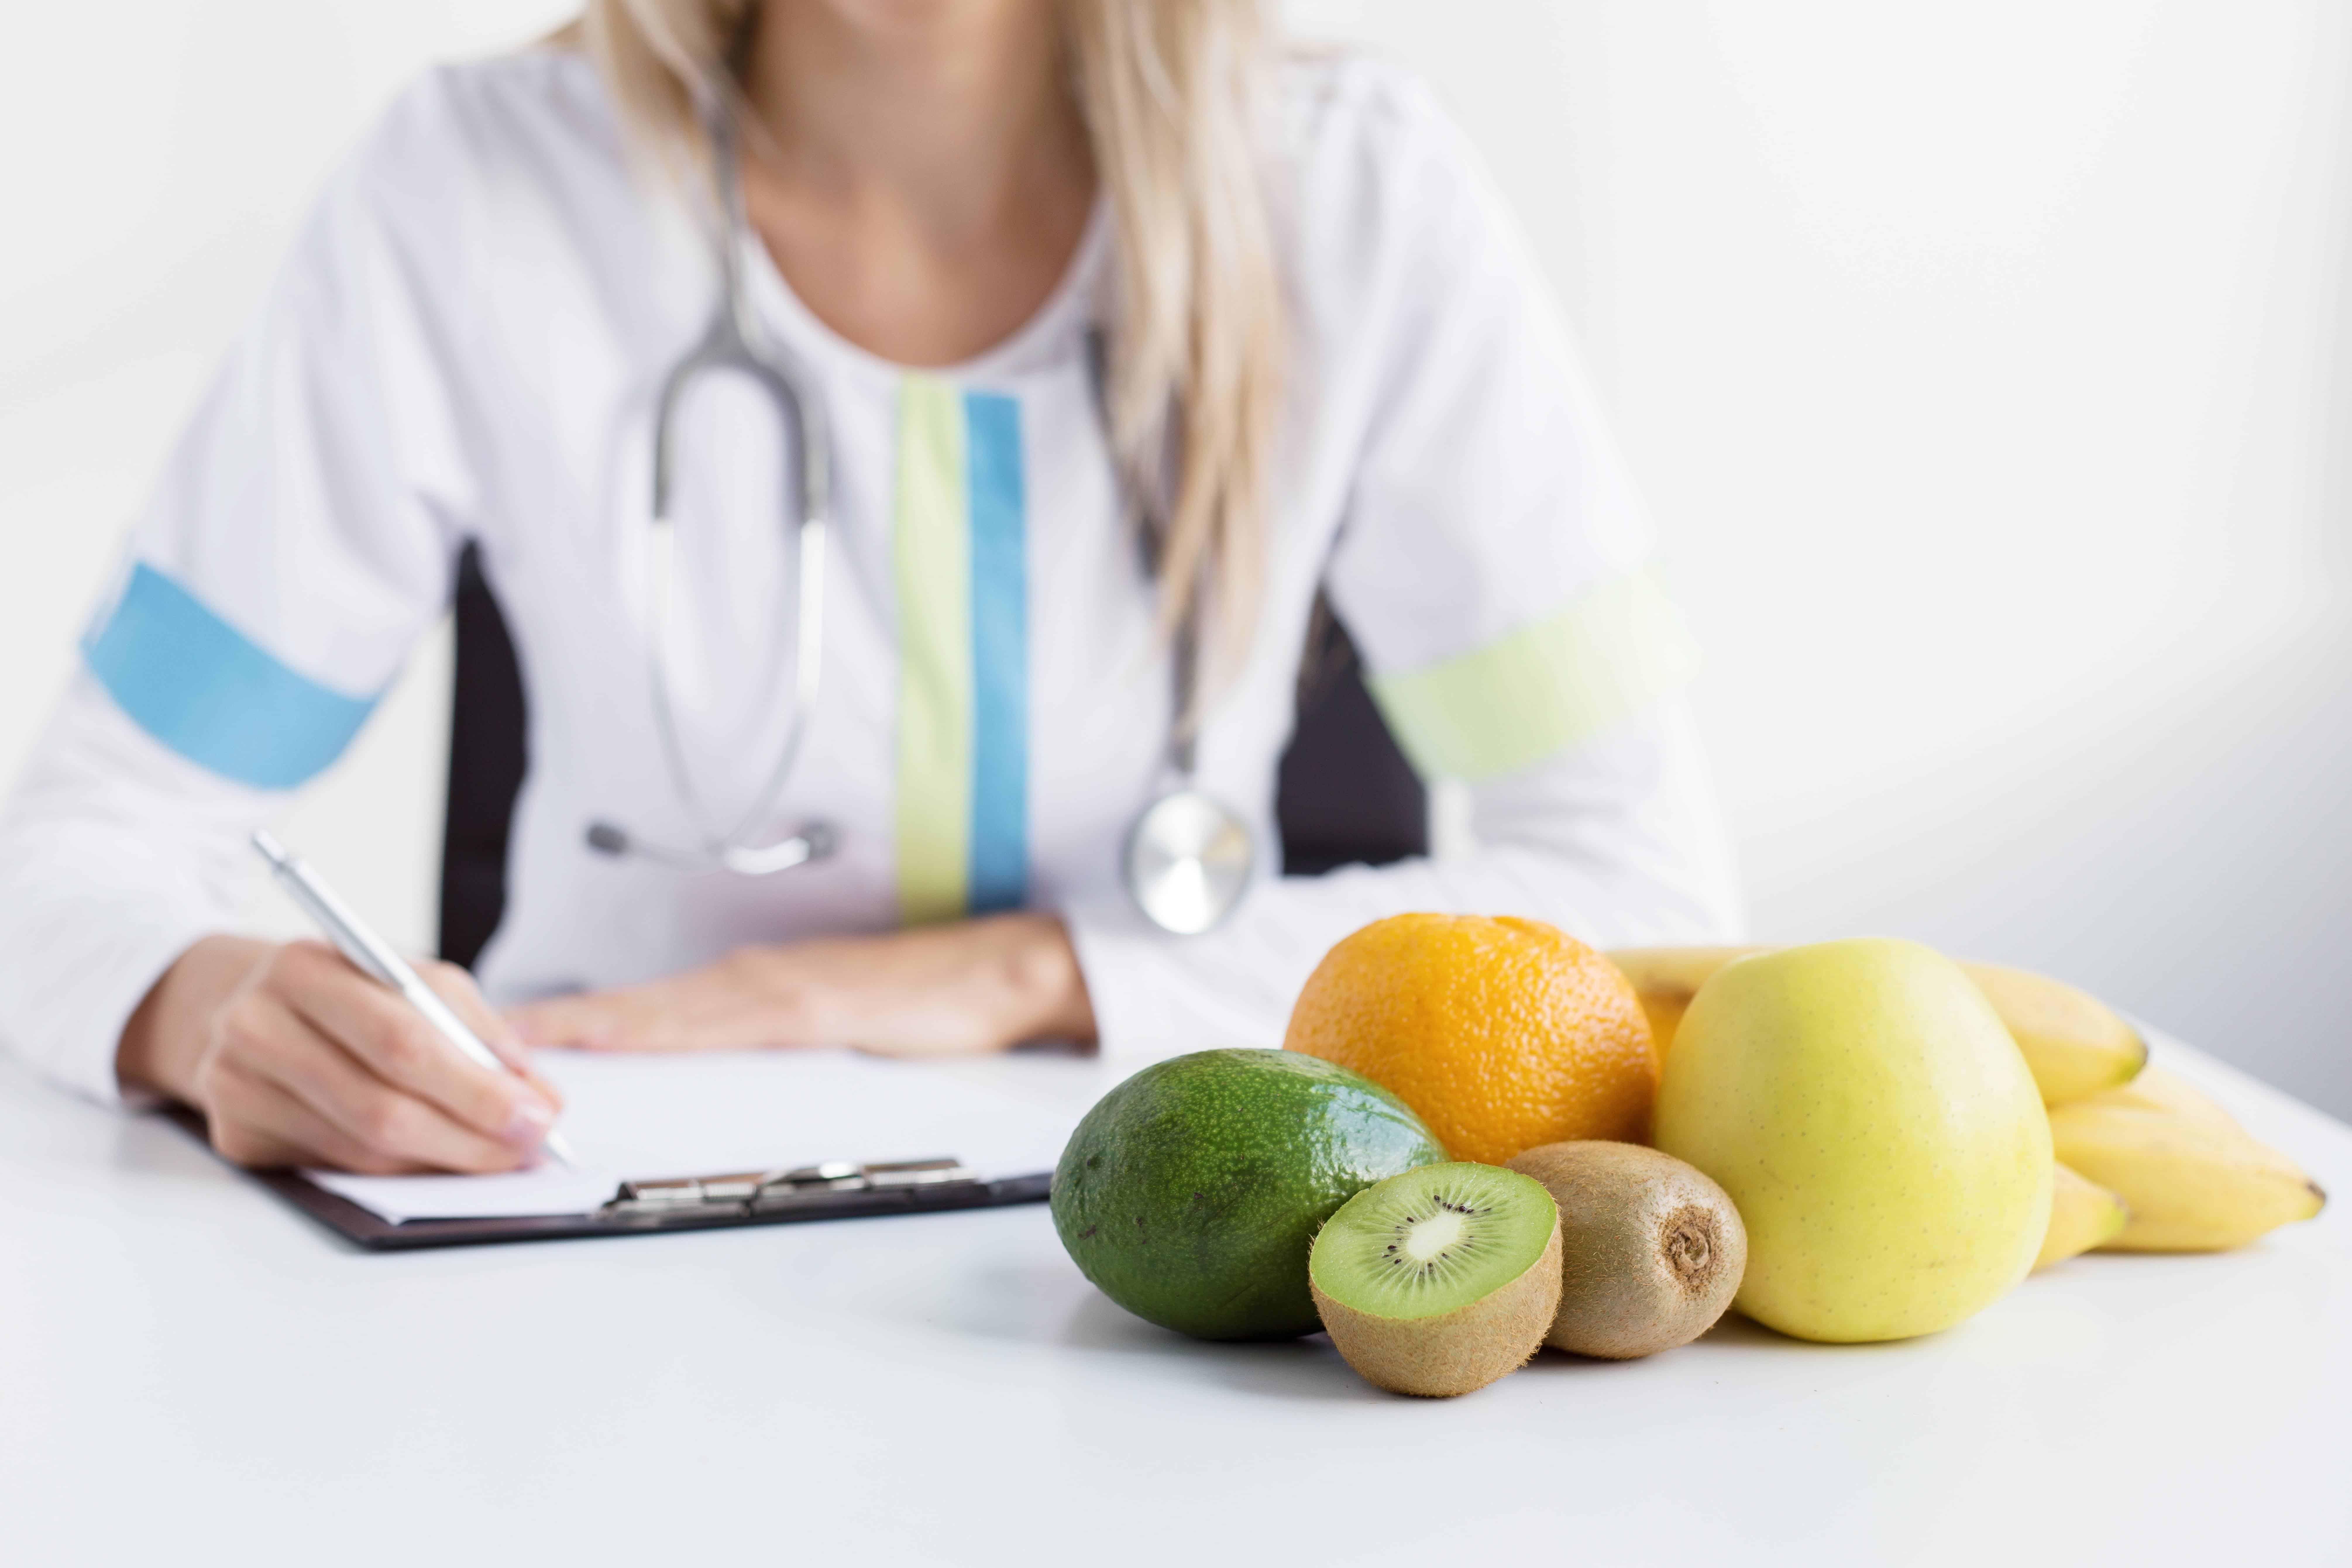 Formação contínua em Nutrição: curso de aconselhamento nutricional na Swiss Nutrition Academy